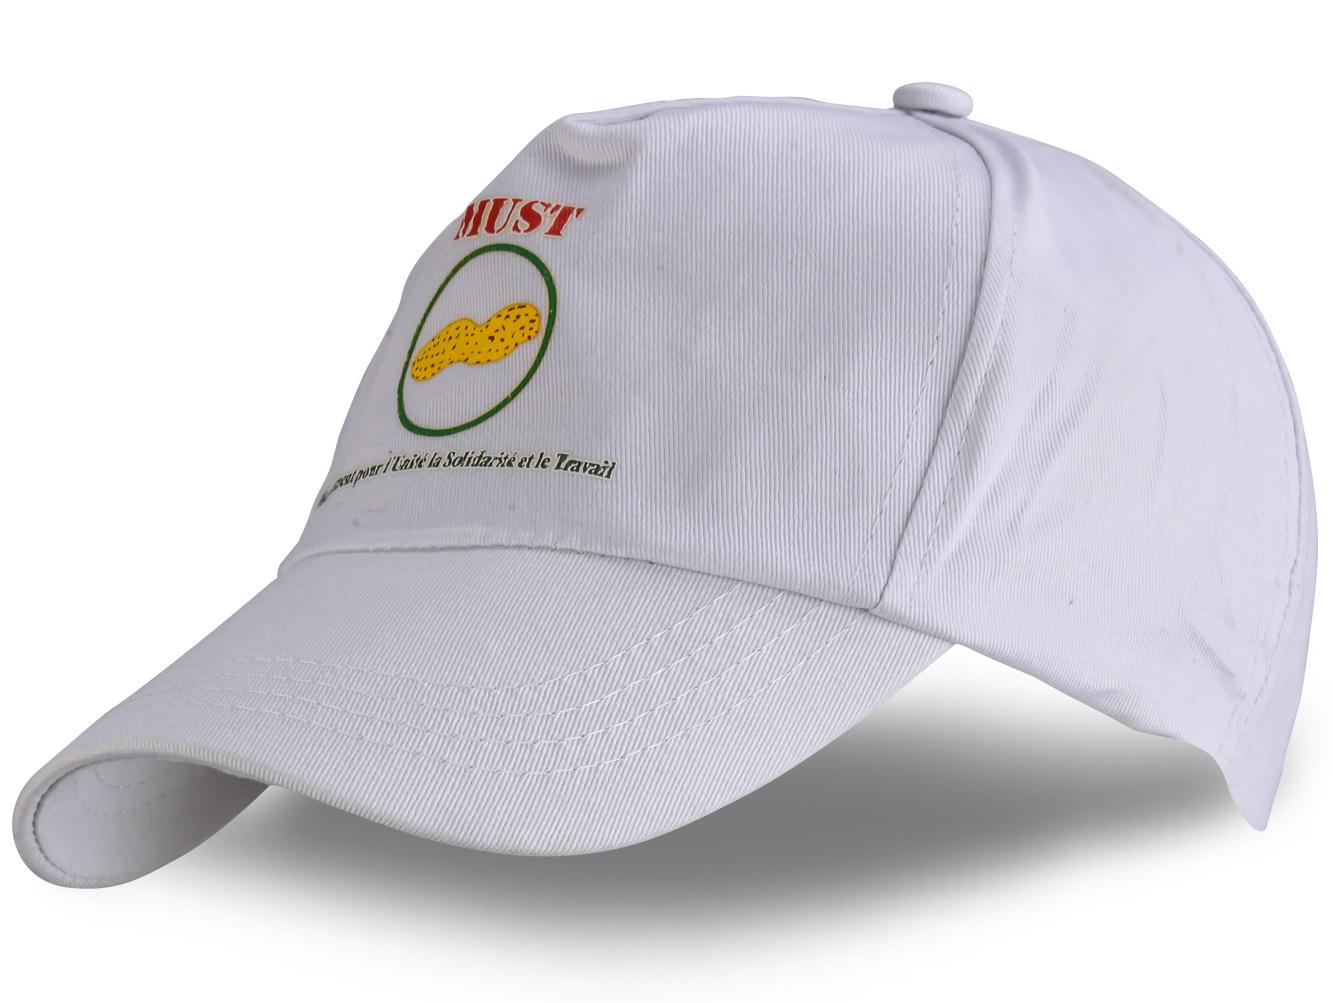 Кепка белая - купить в интернет-магазине с доставкой